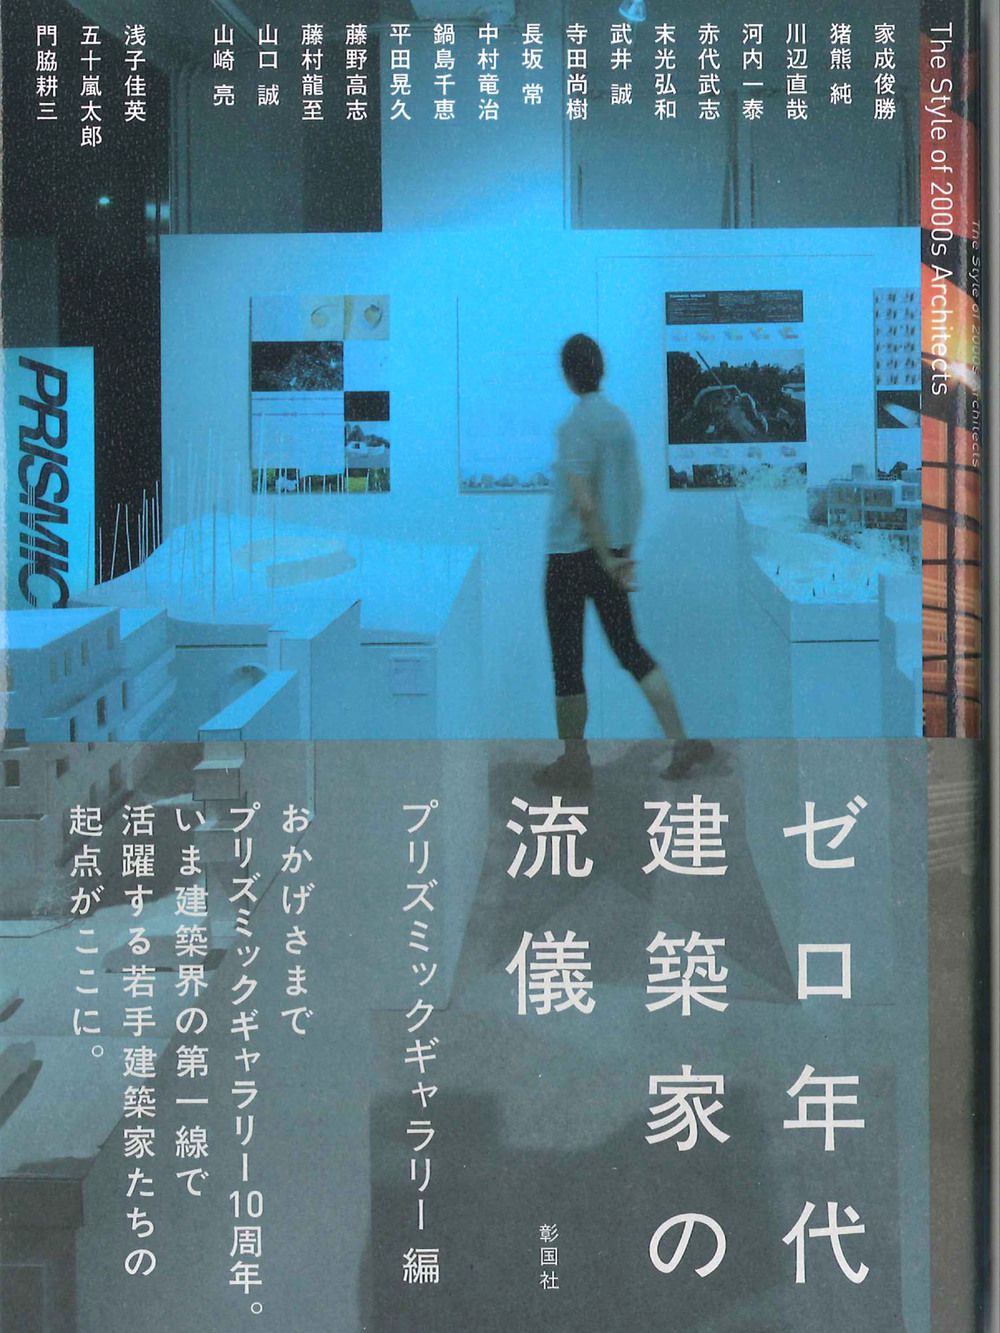 エマニュエル・ムホー展 : 色切/shikiri